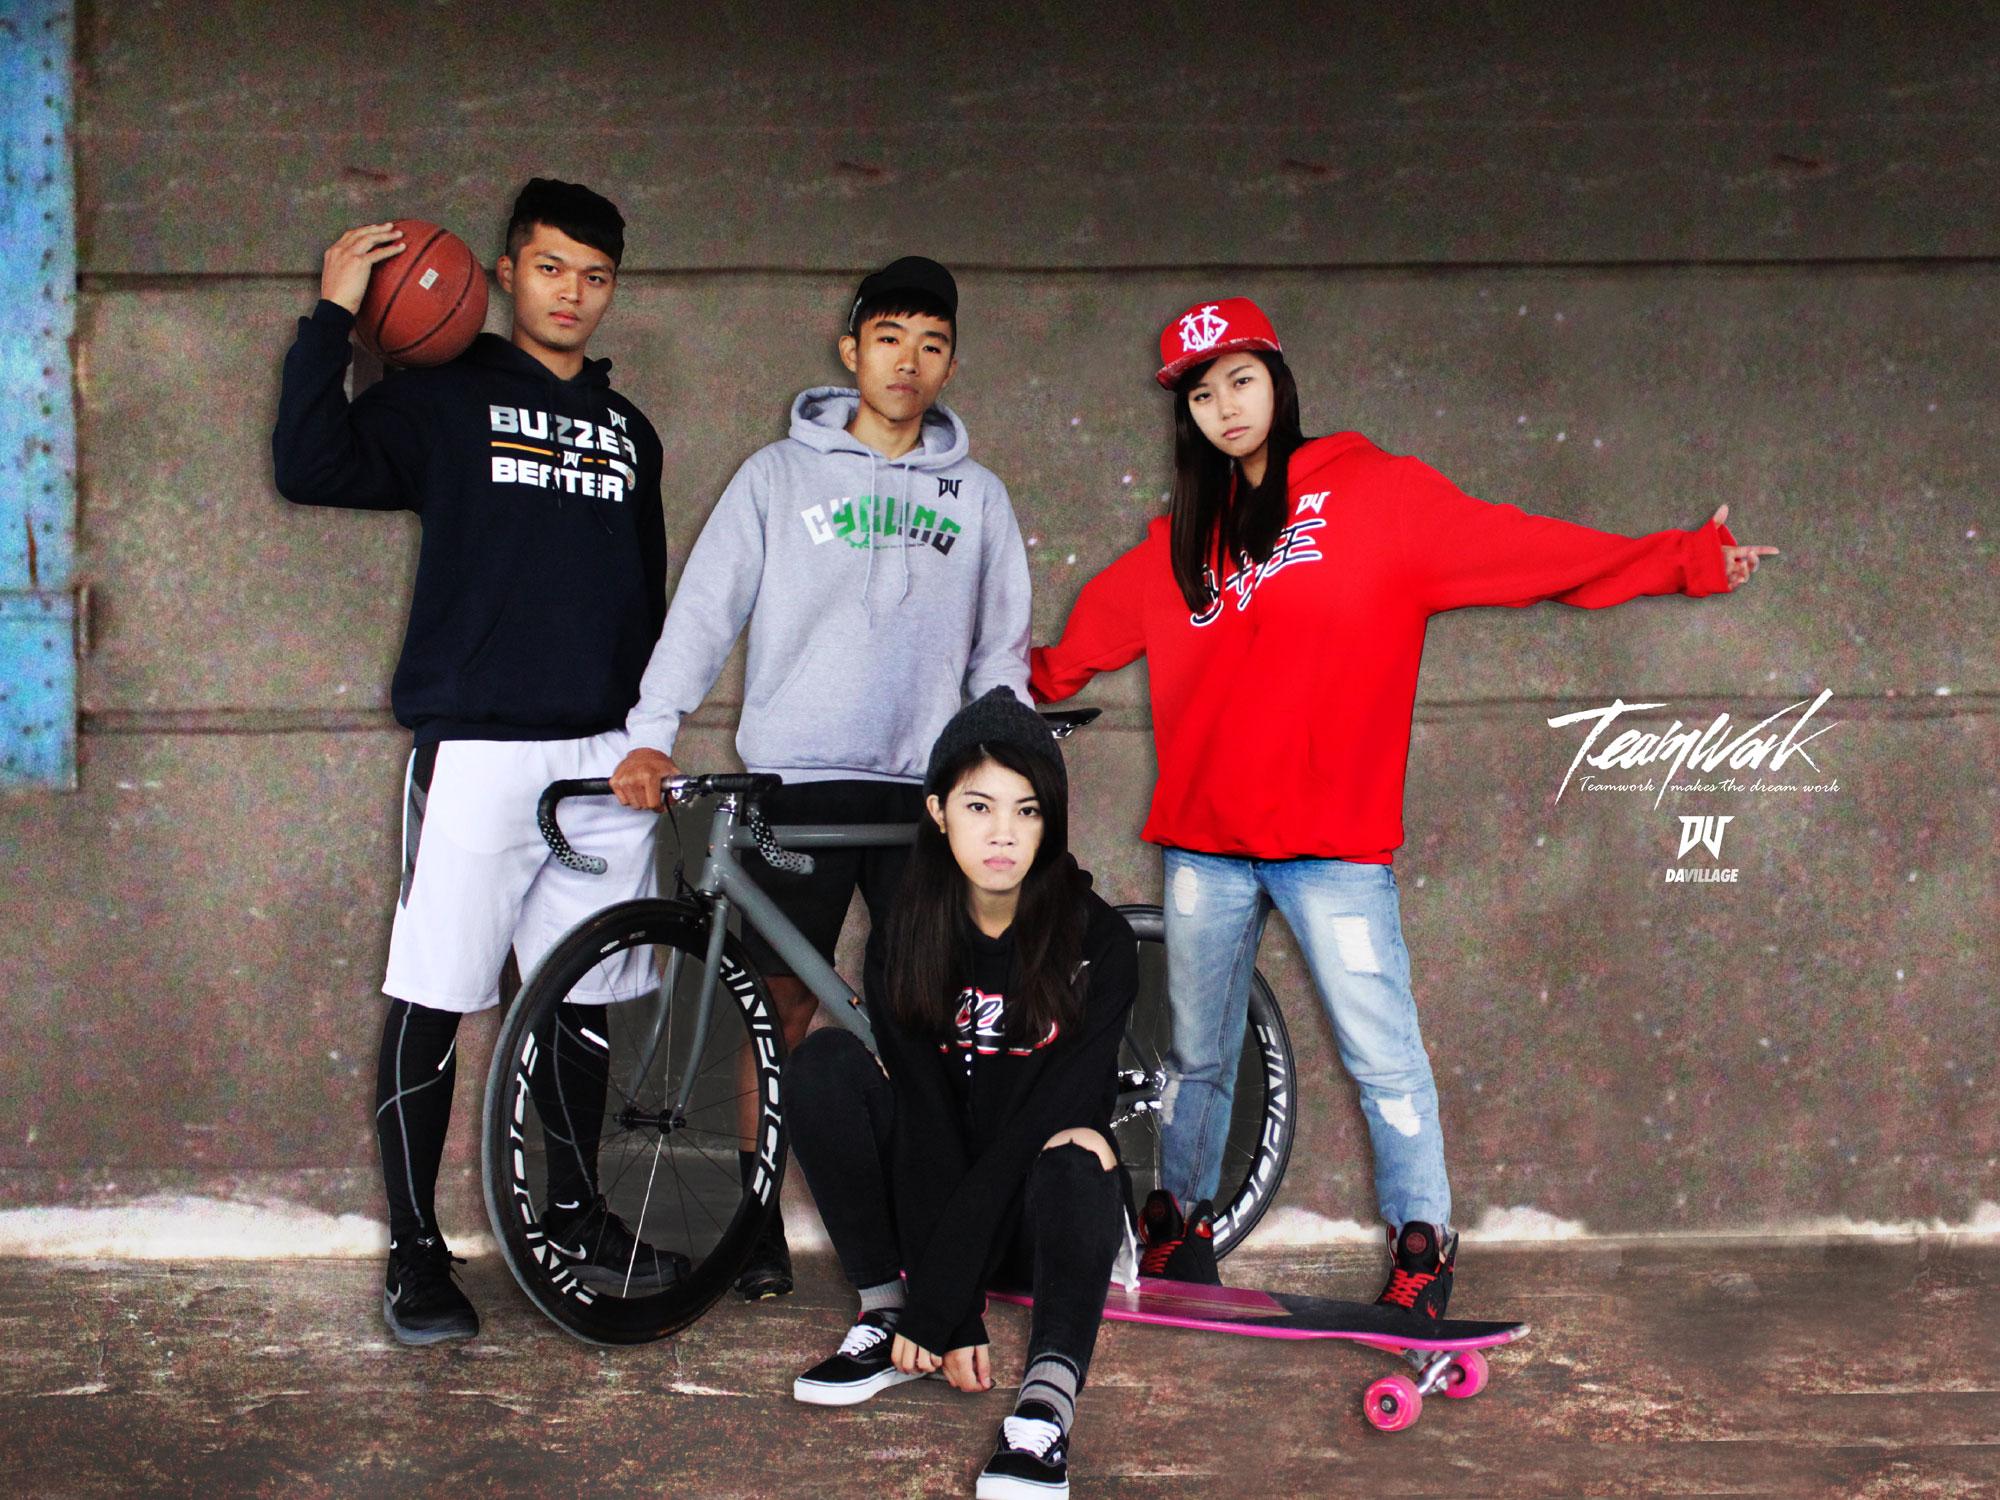 hoodie-teamwork-model-image-01